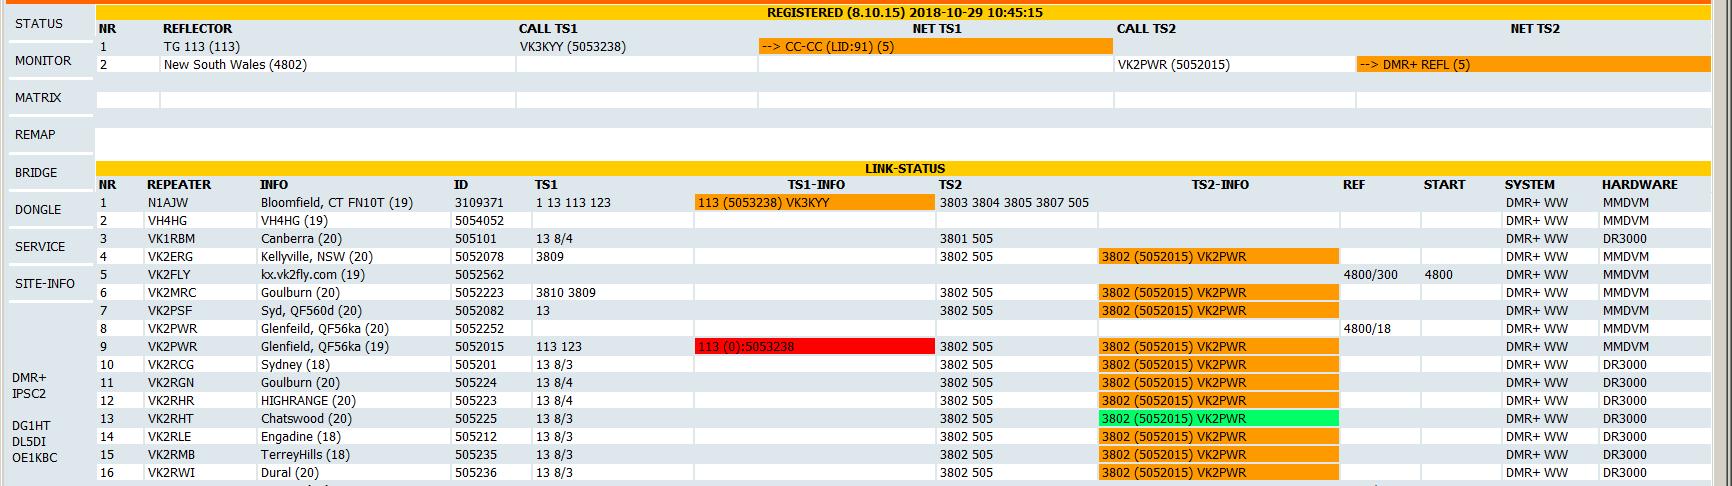 New Australian DMR+IpSC2 settings – Roger Clark